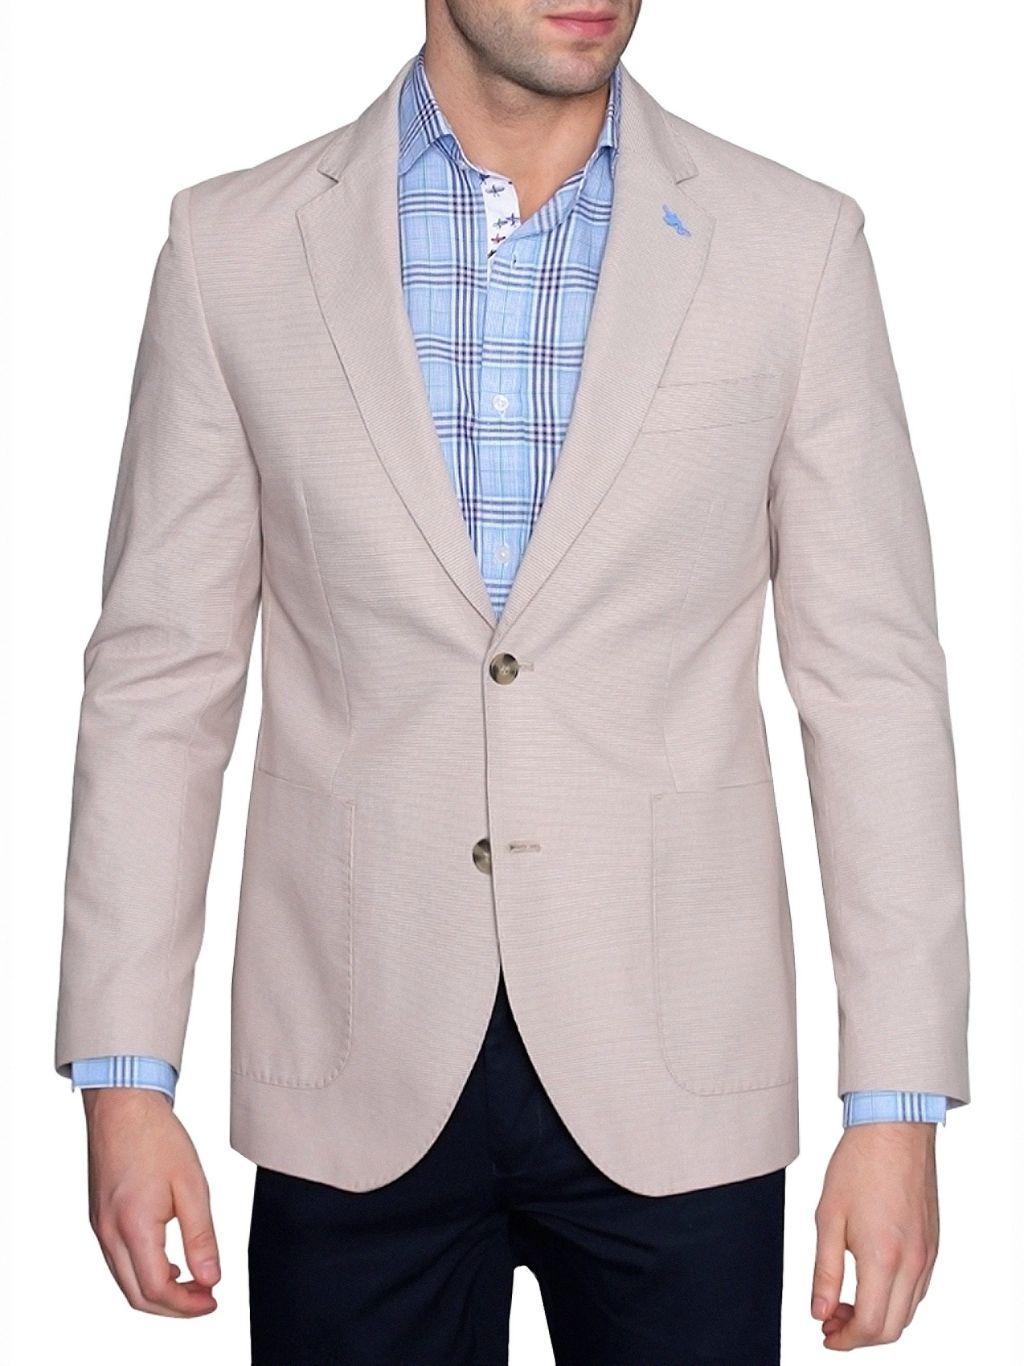 TailorByrd Standard-Fit Cotton Dobby Jacket